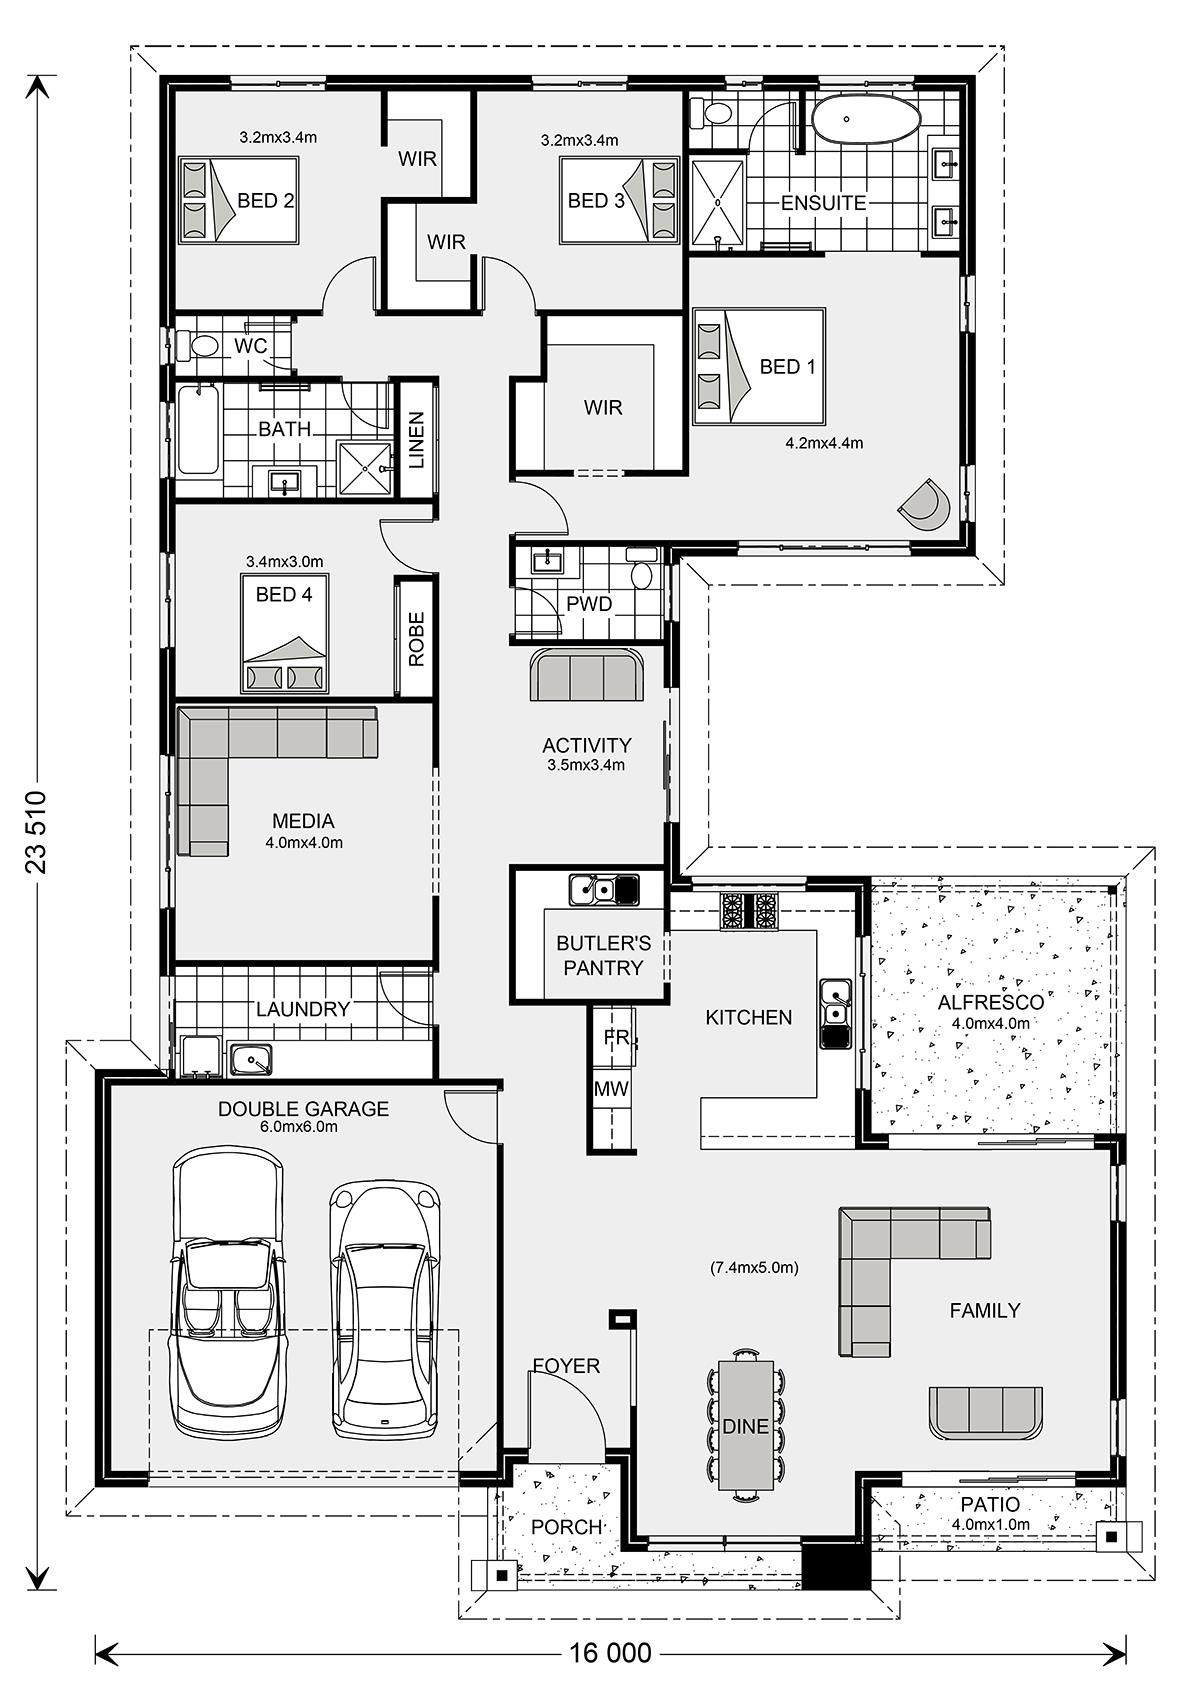 Lakeview 297 Bungalow Floor Plans Home Design Plans House Plans